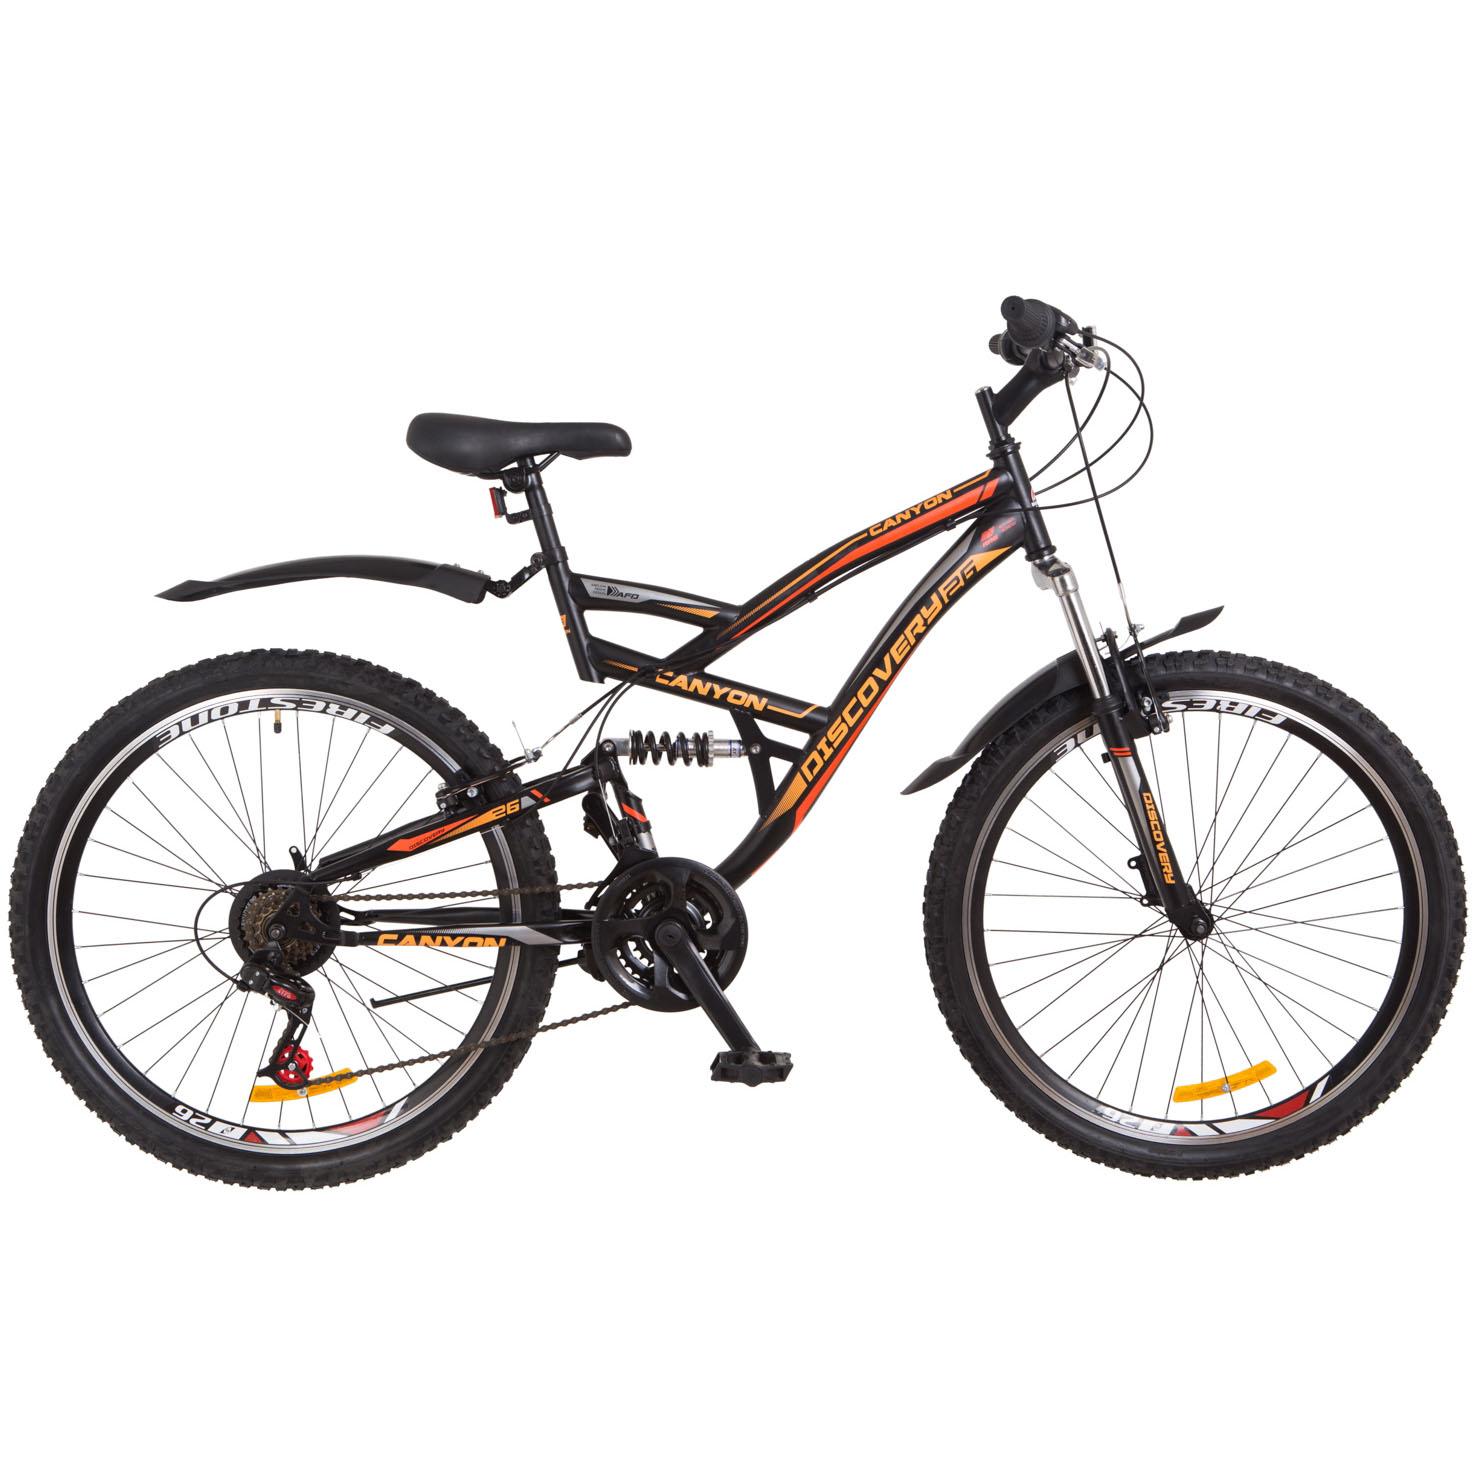 Фото Горный Велосипед 26 Discovery CANYON черно-оранжевый 2018